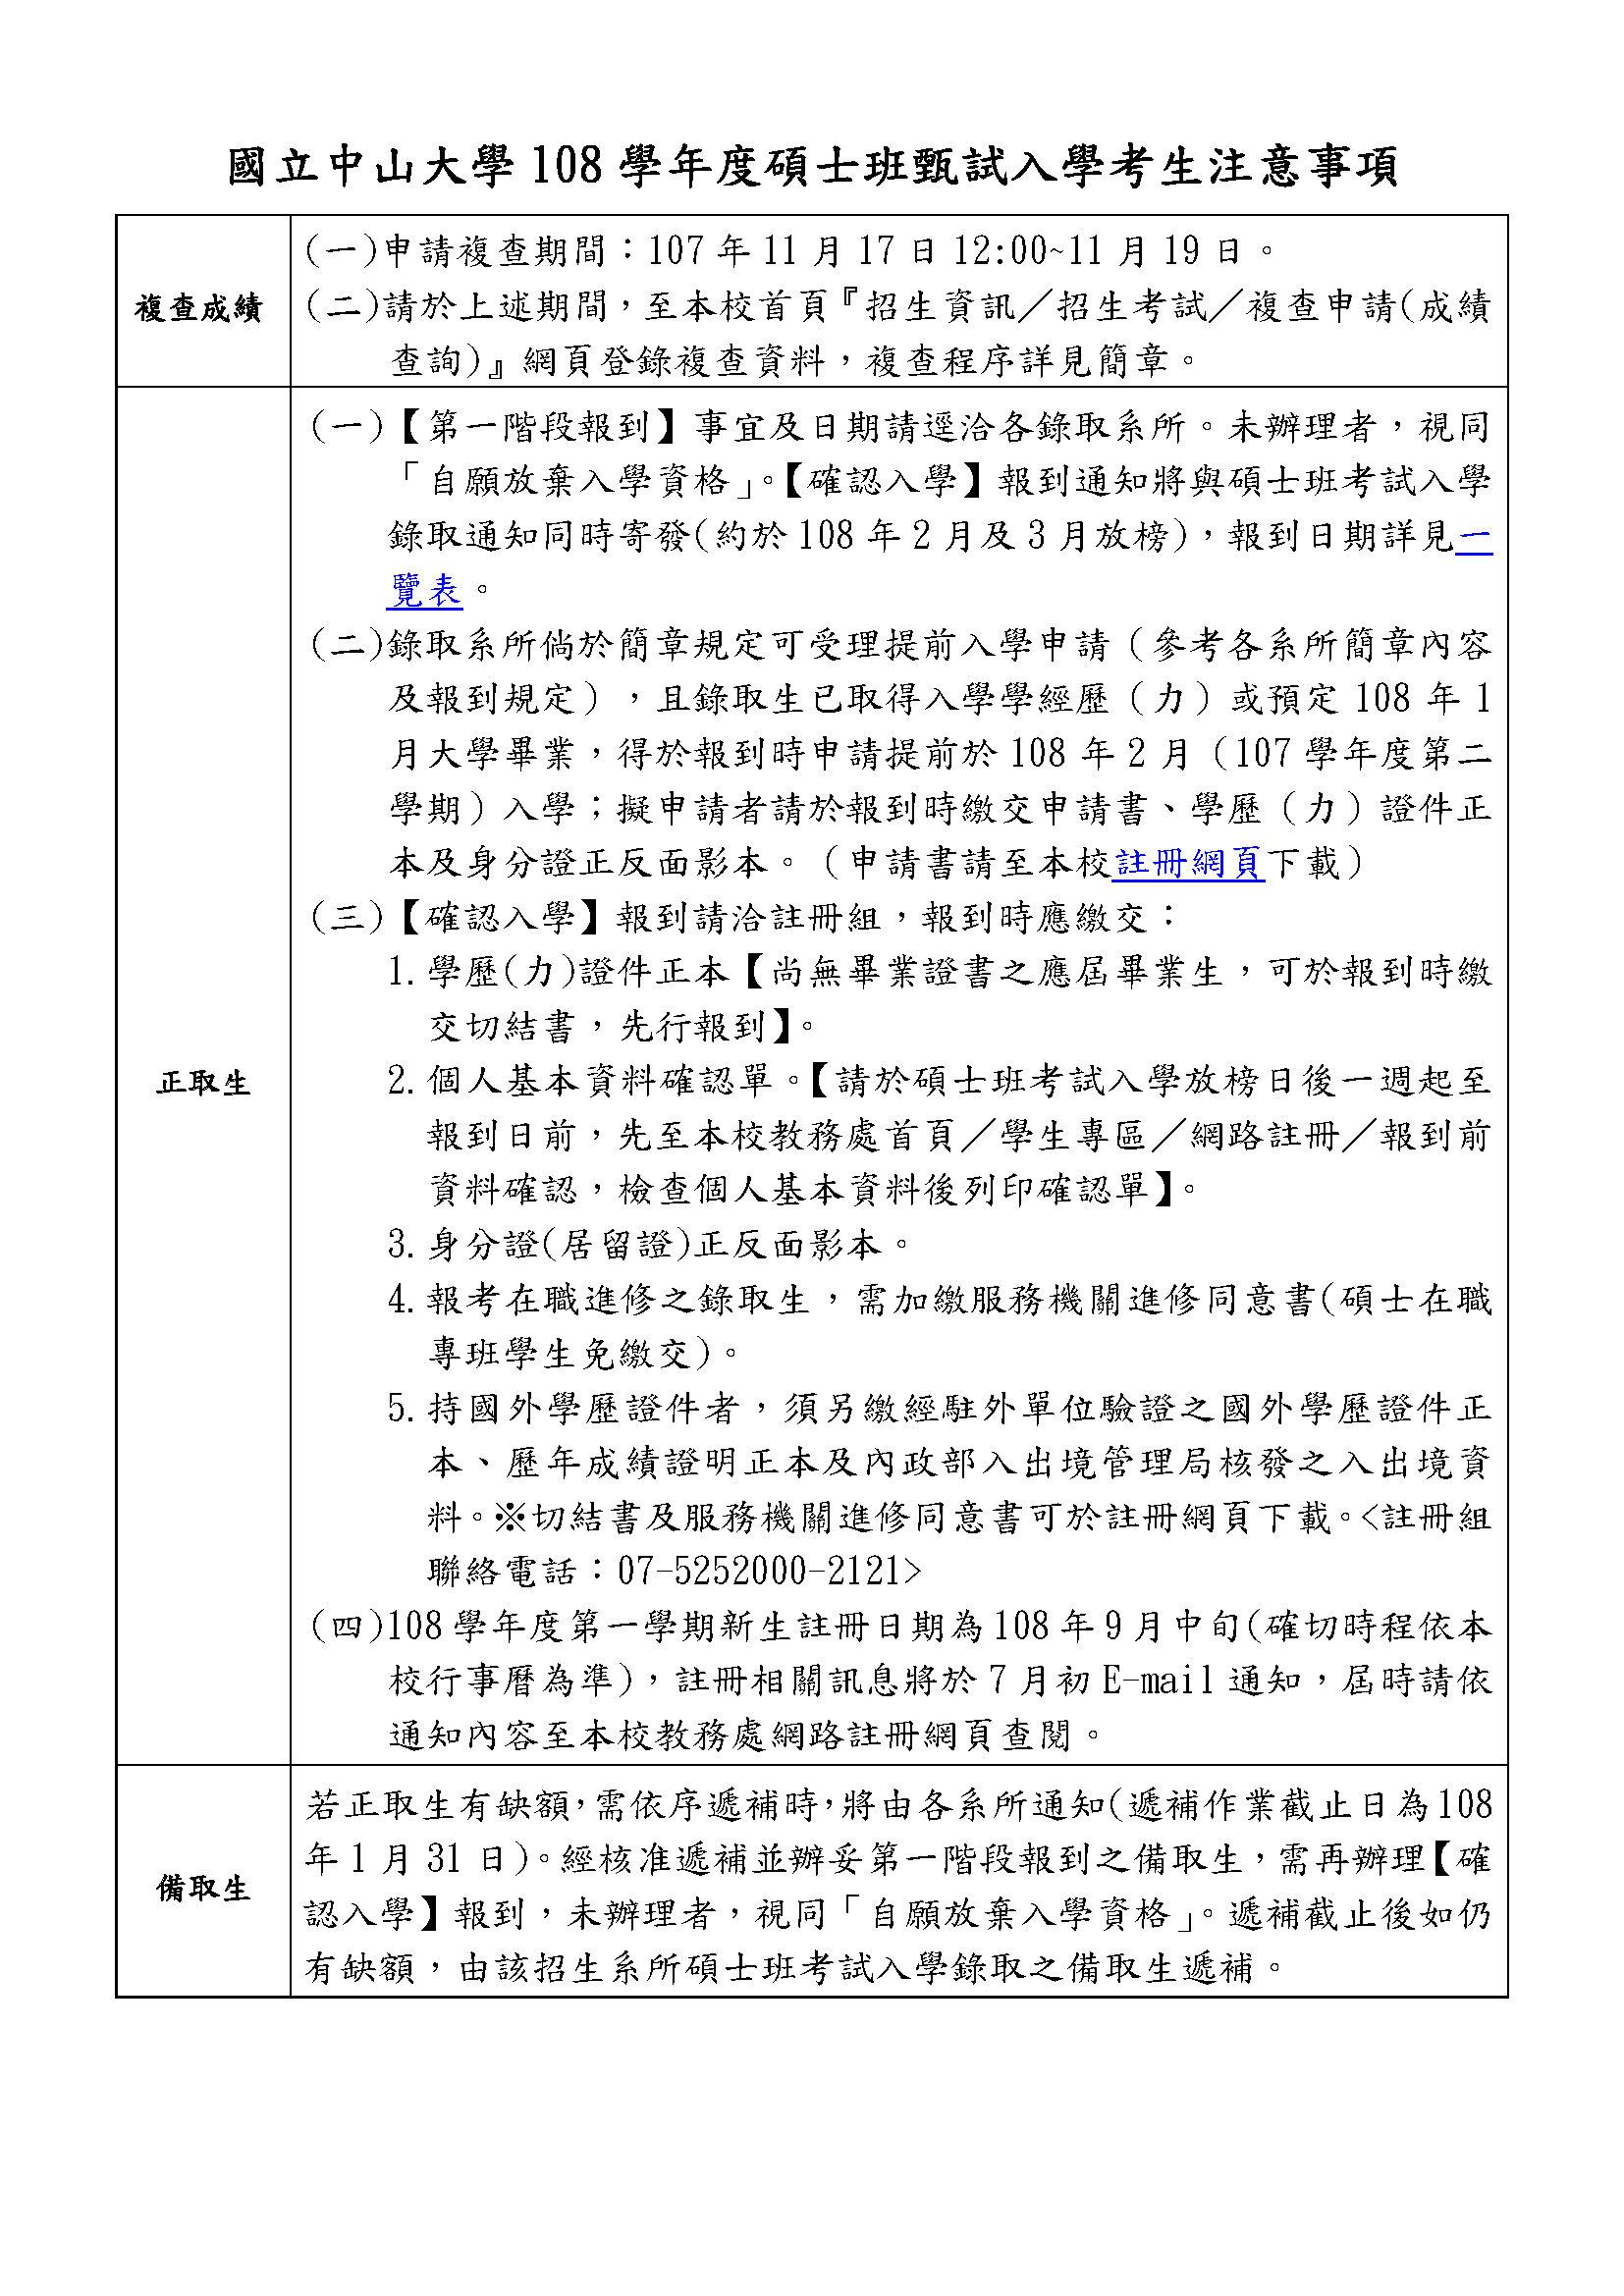 108學年度碩士班甄試入學考生注意事項1071030.jpg